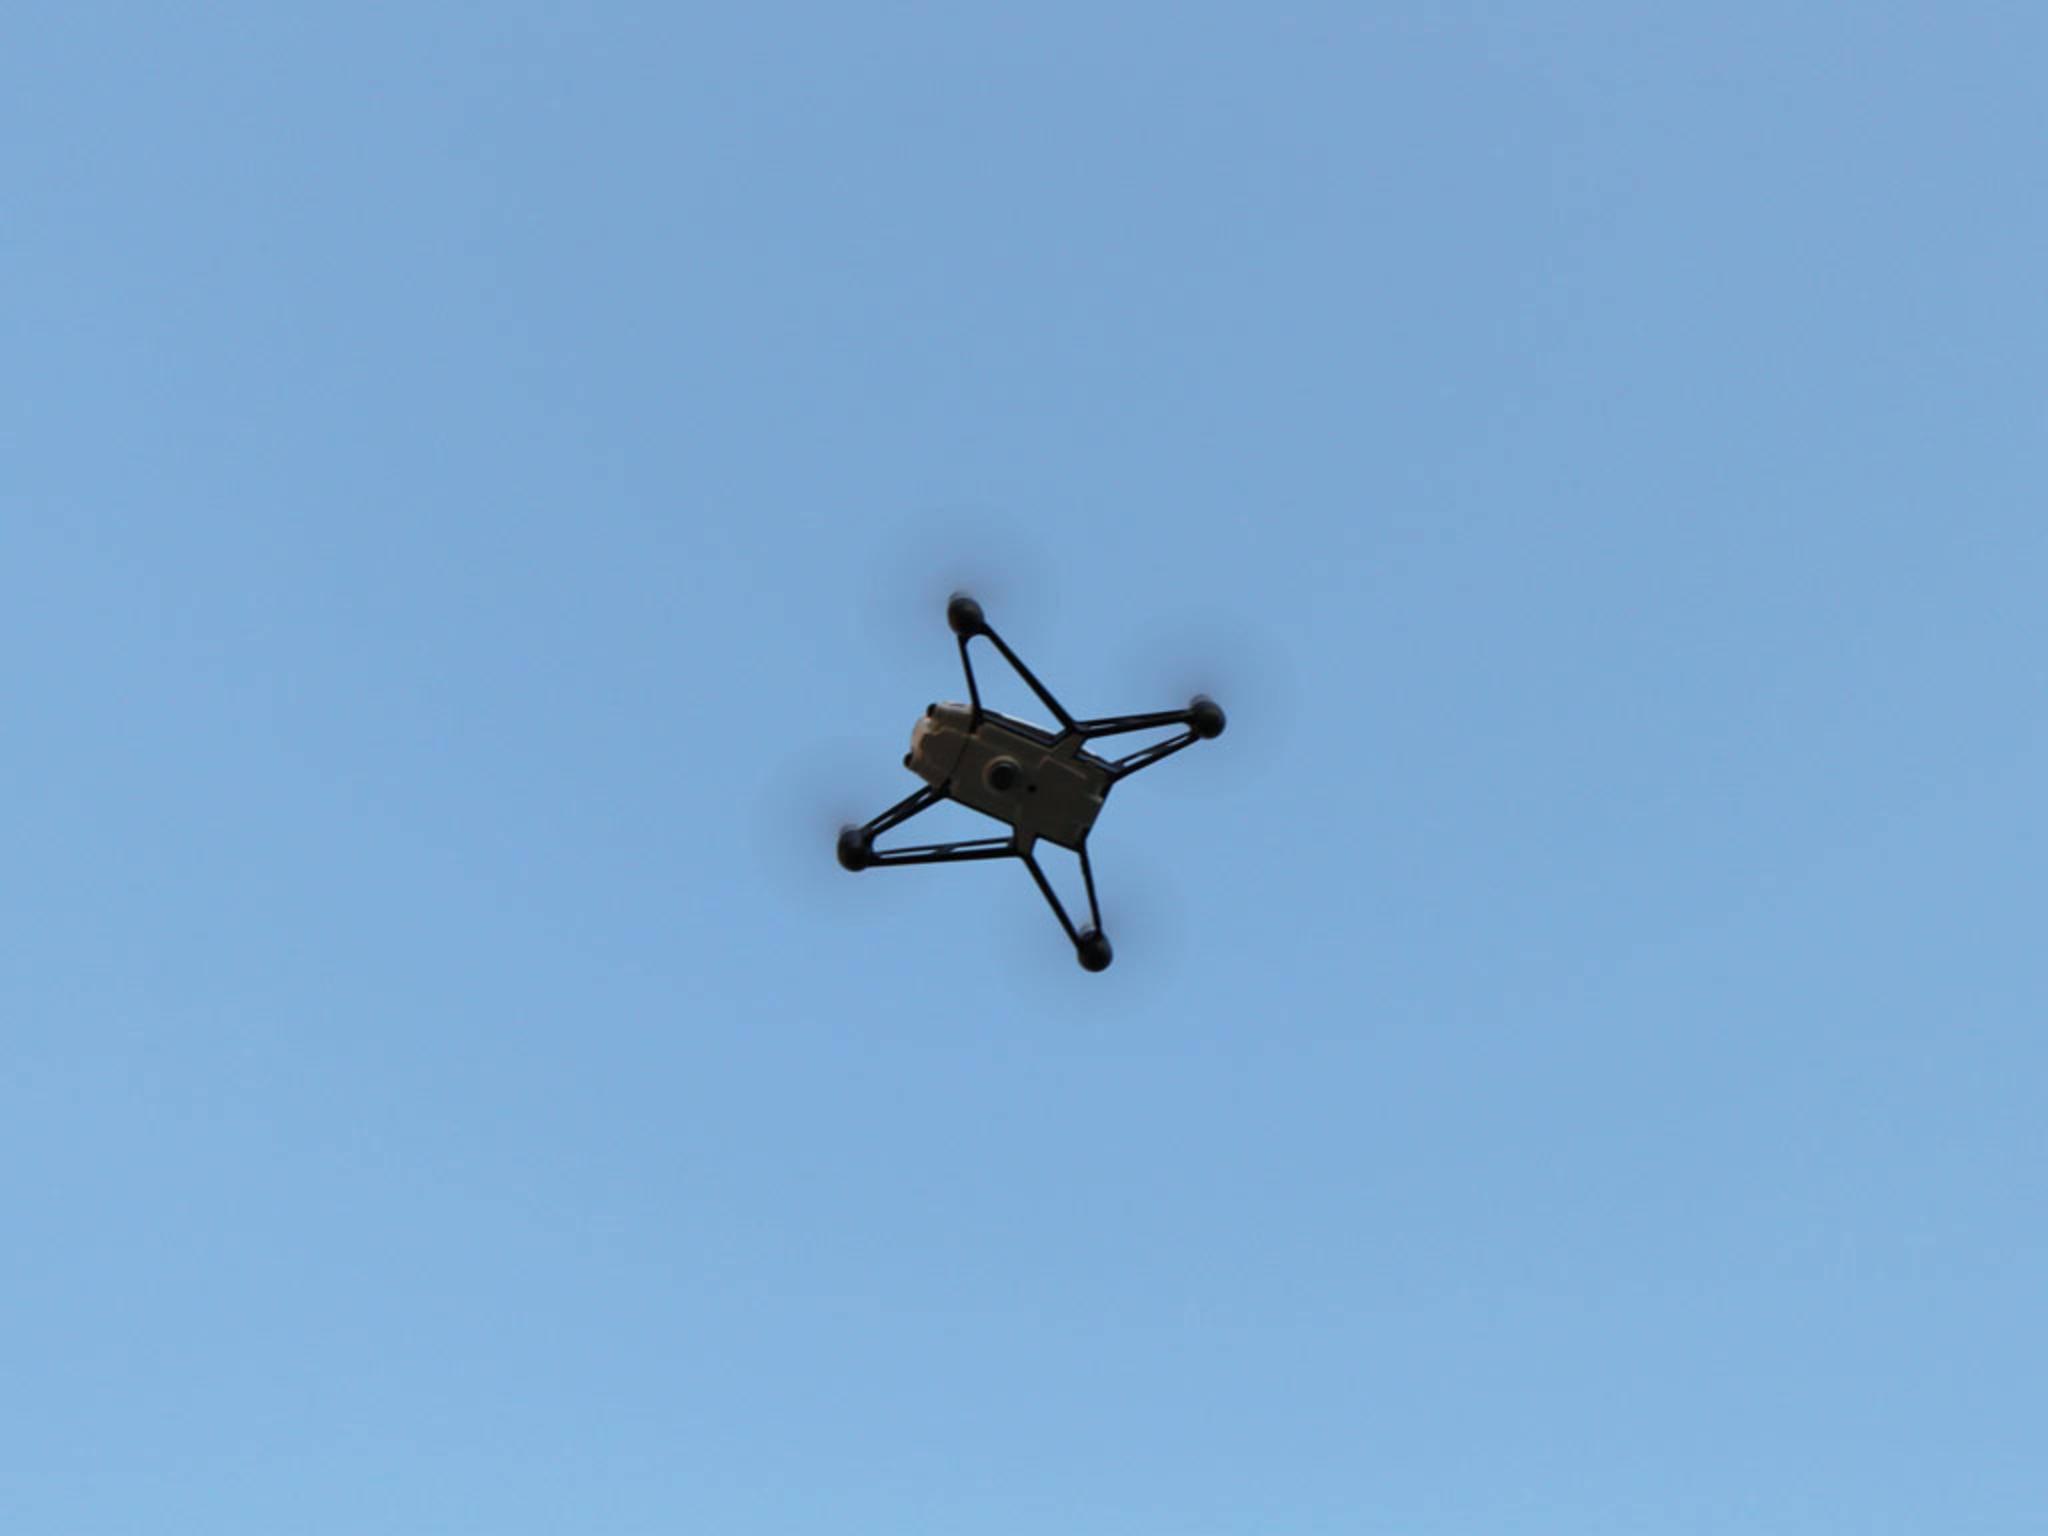 Während des Fluges sind Aufnahmen aus luftiger Höhe möglich.